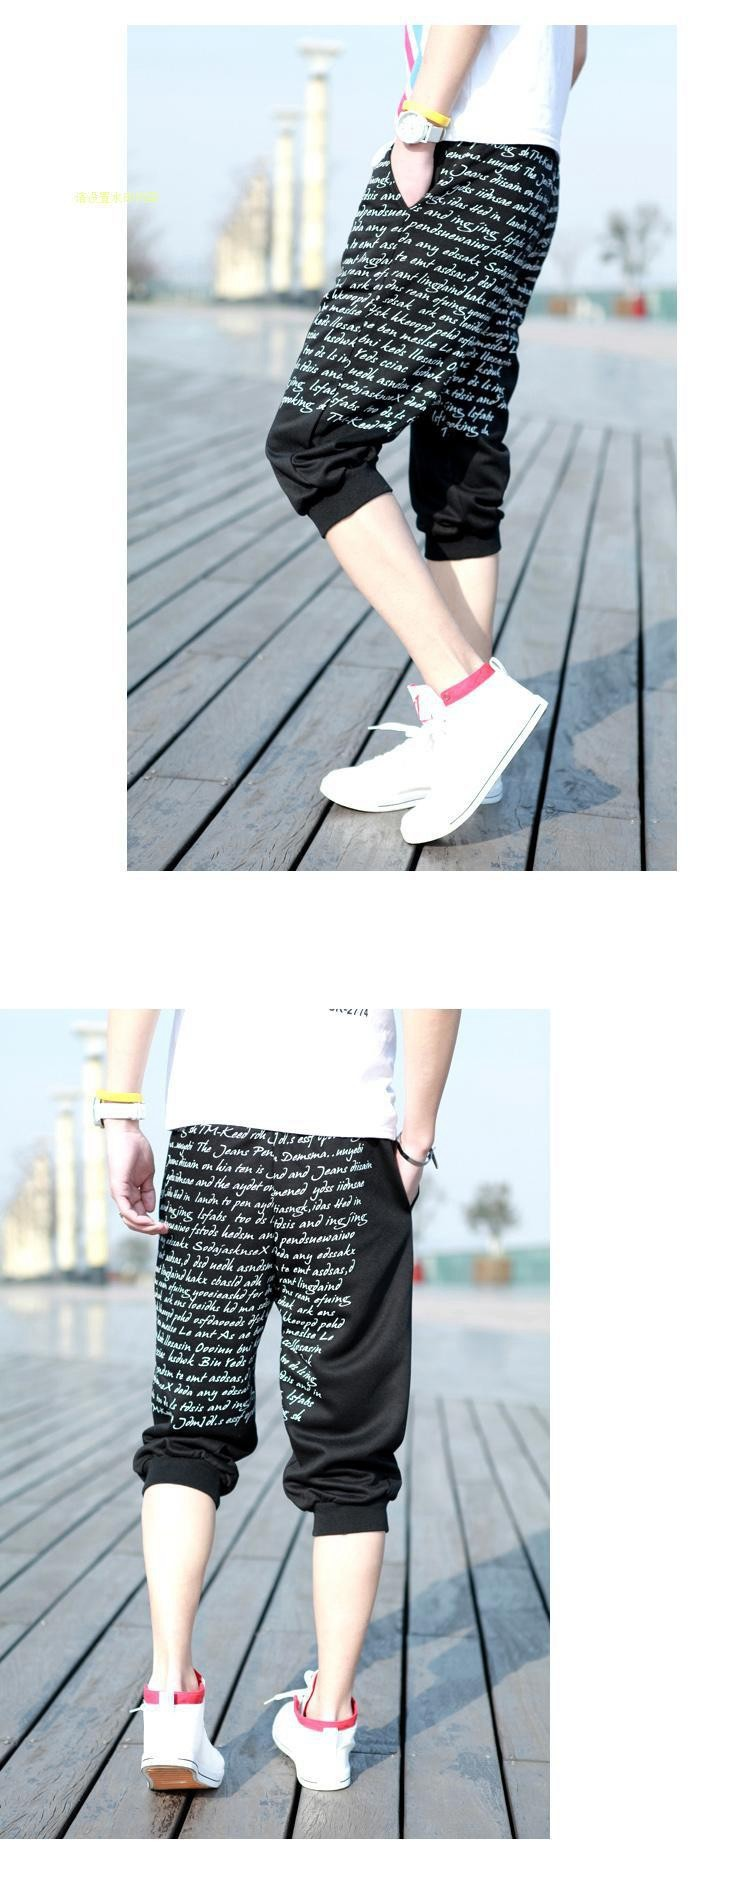 shorts&shorts men&short&mma&running shorts&bermuda masculina&polo&bermuda&men&beach&basketball shorts&gym&surf&brand&swimwear men&shorts jeans&bermudas&men shorts&short men&bermuda shorts&men beach&2